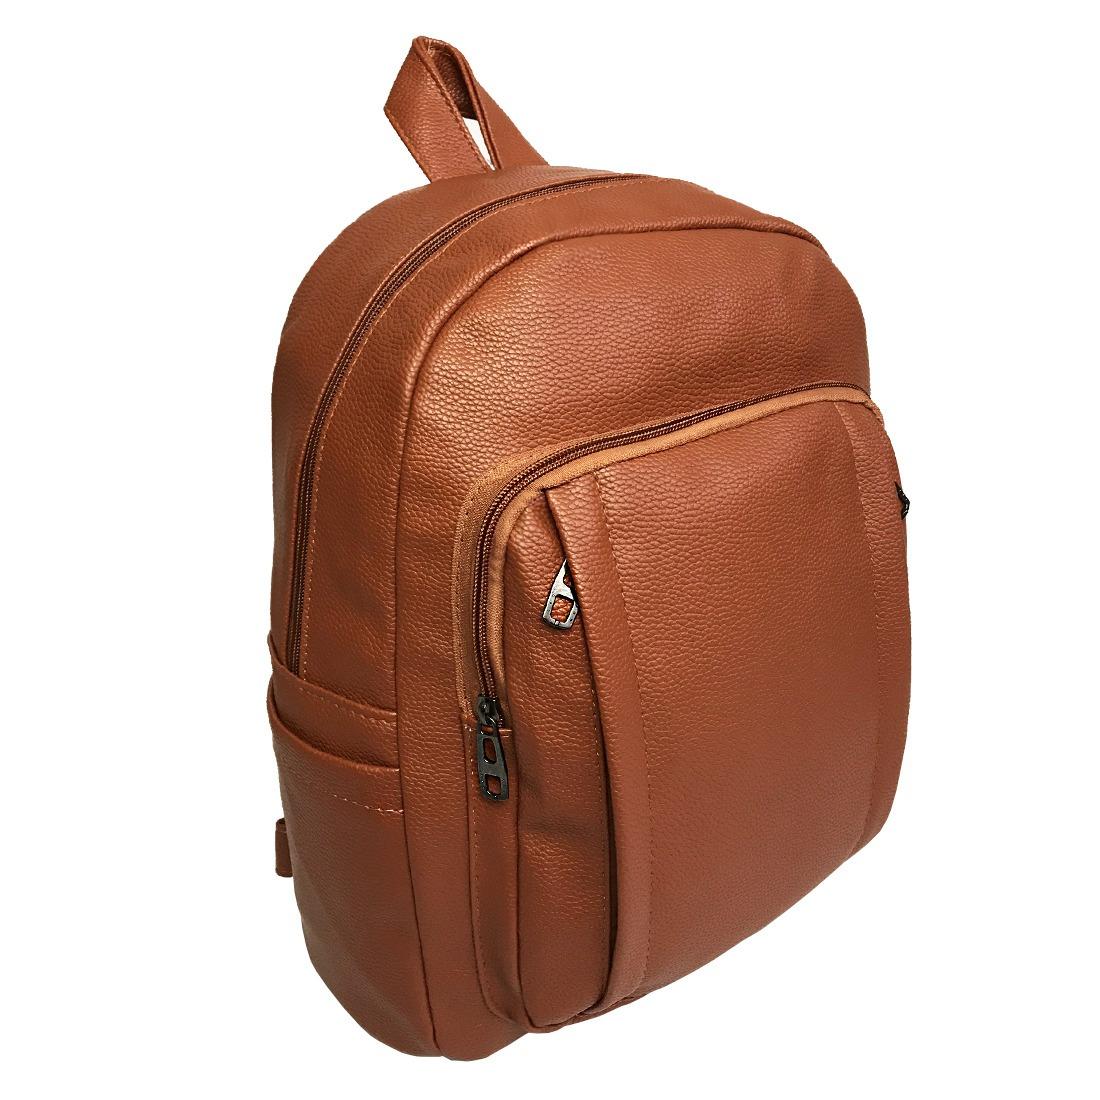 5d02c672d mochila bolsa feminina couro sintético faculdade trabalho. Carregando zoom.